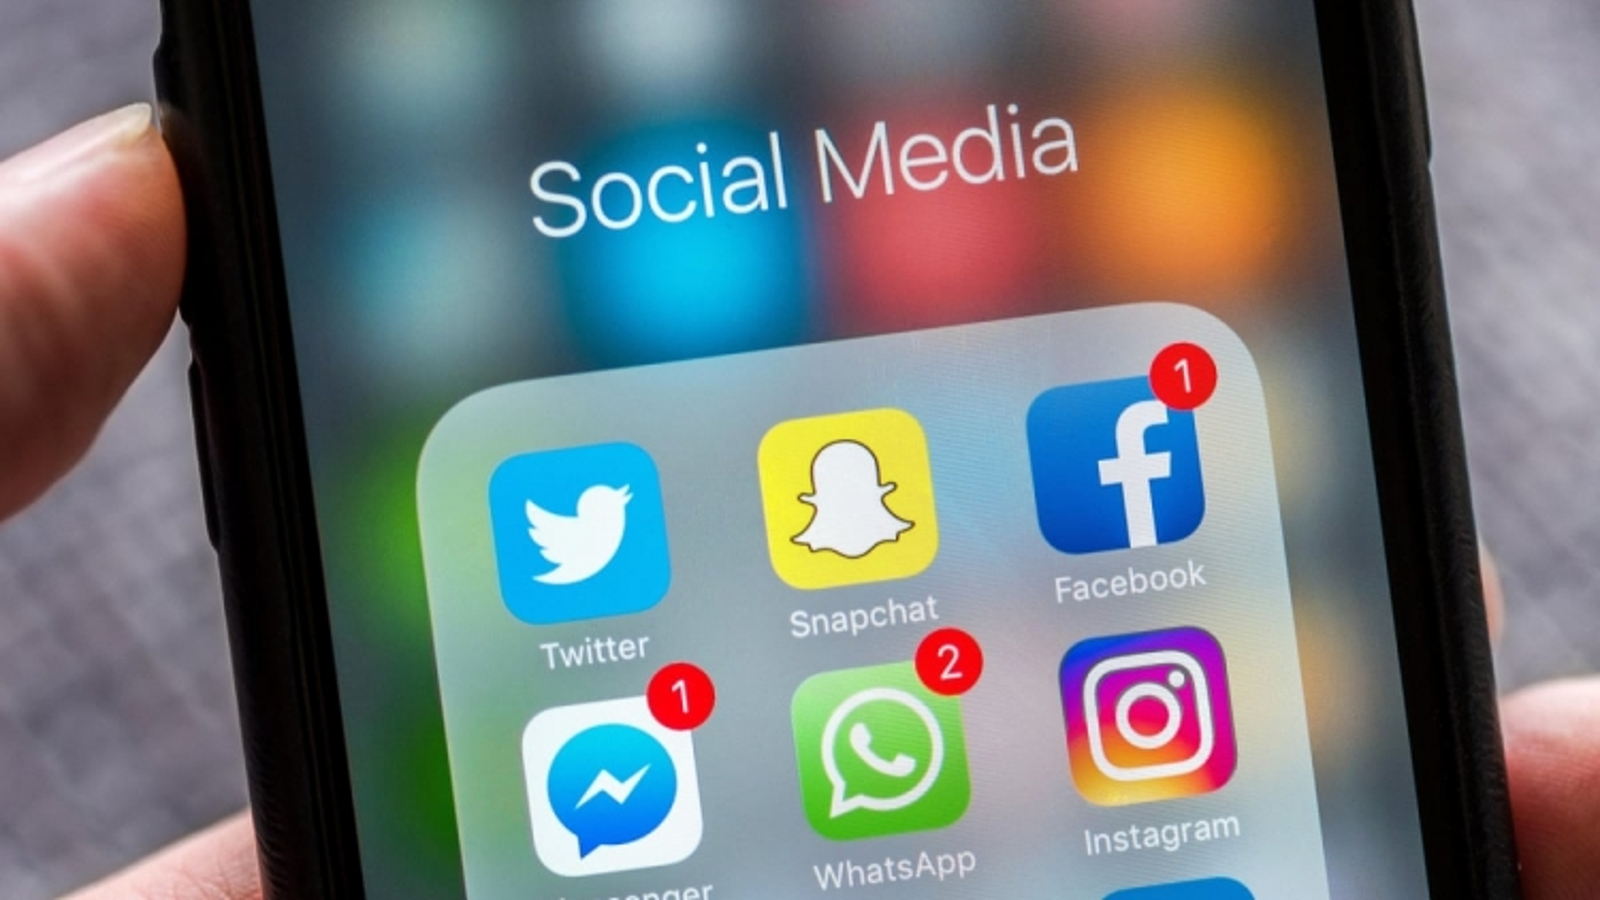 Australia kiên quyết ngăn chặn hành vi truyền bá nội dung độc hại trên mạng